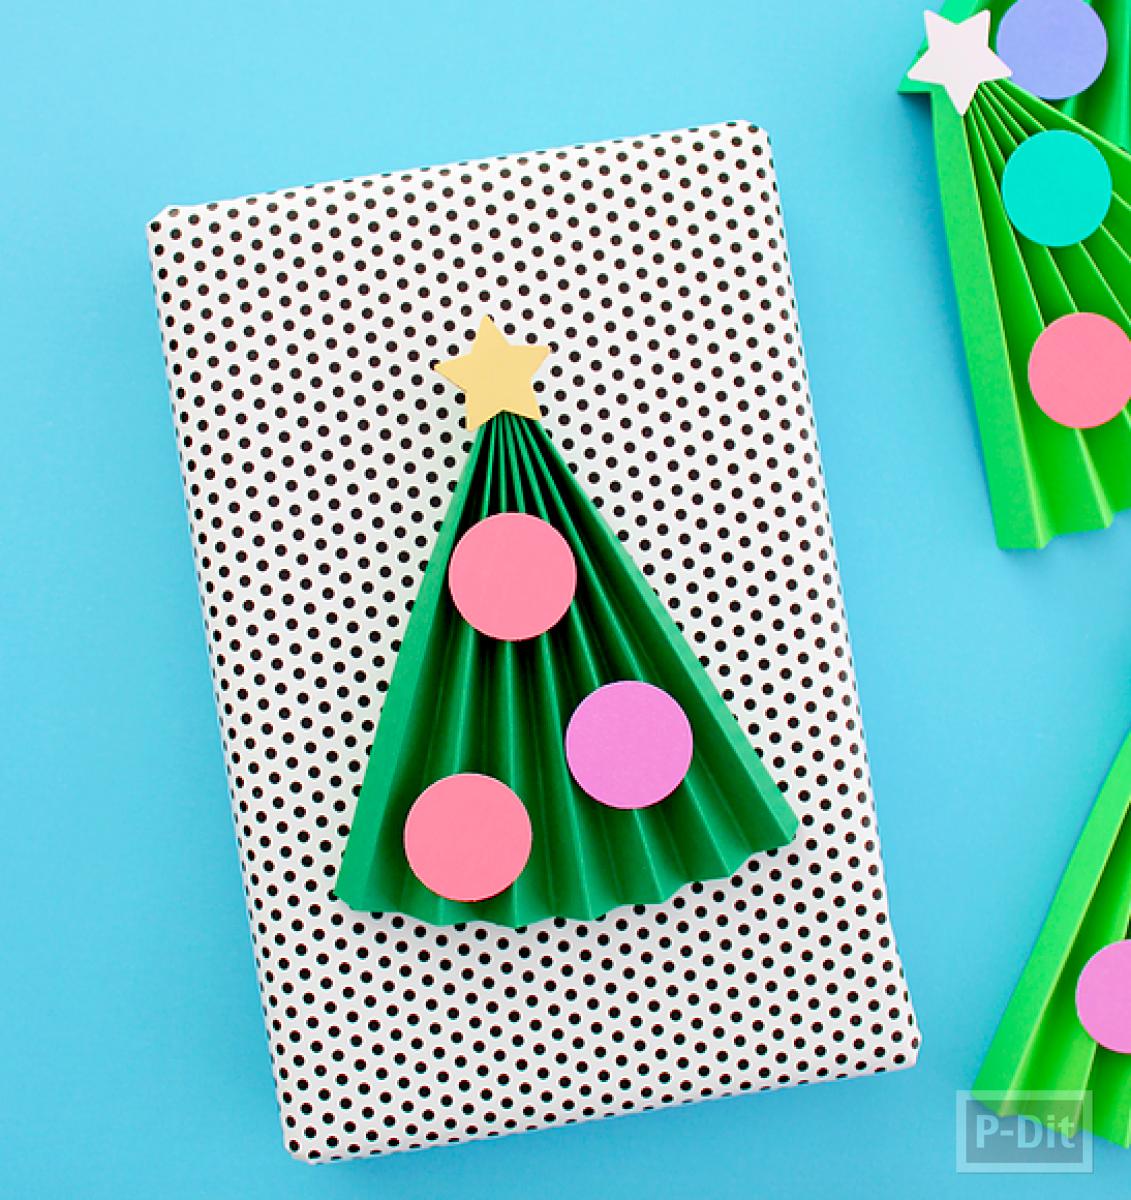 ต้นคริสต์มาสต้นเล็กๆ ตกแต่งกล่องของขวัญ